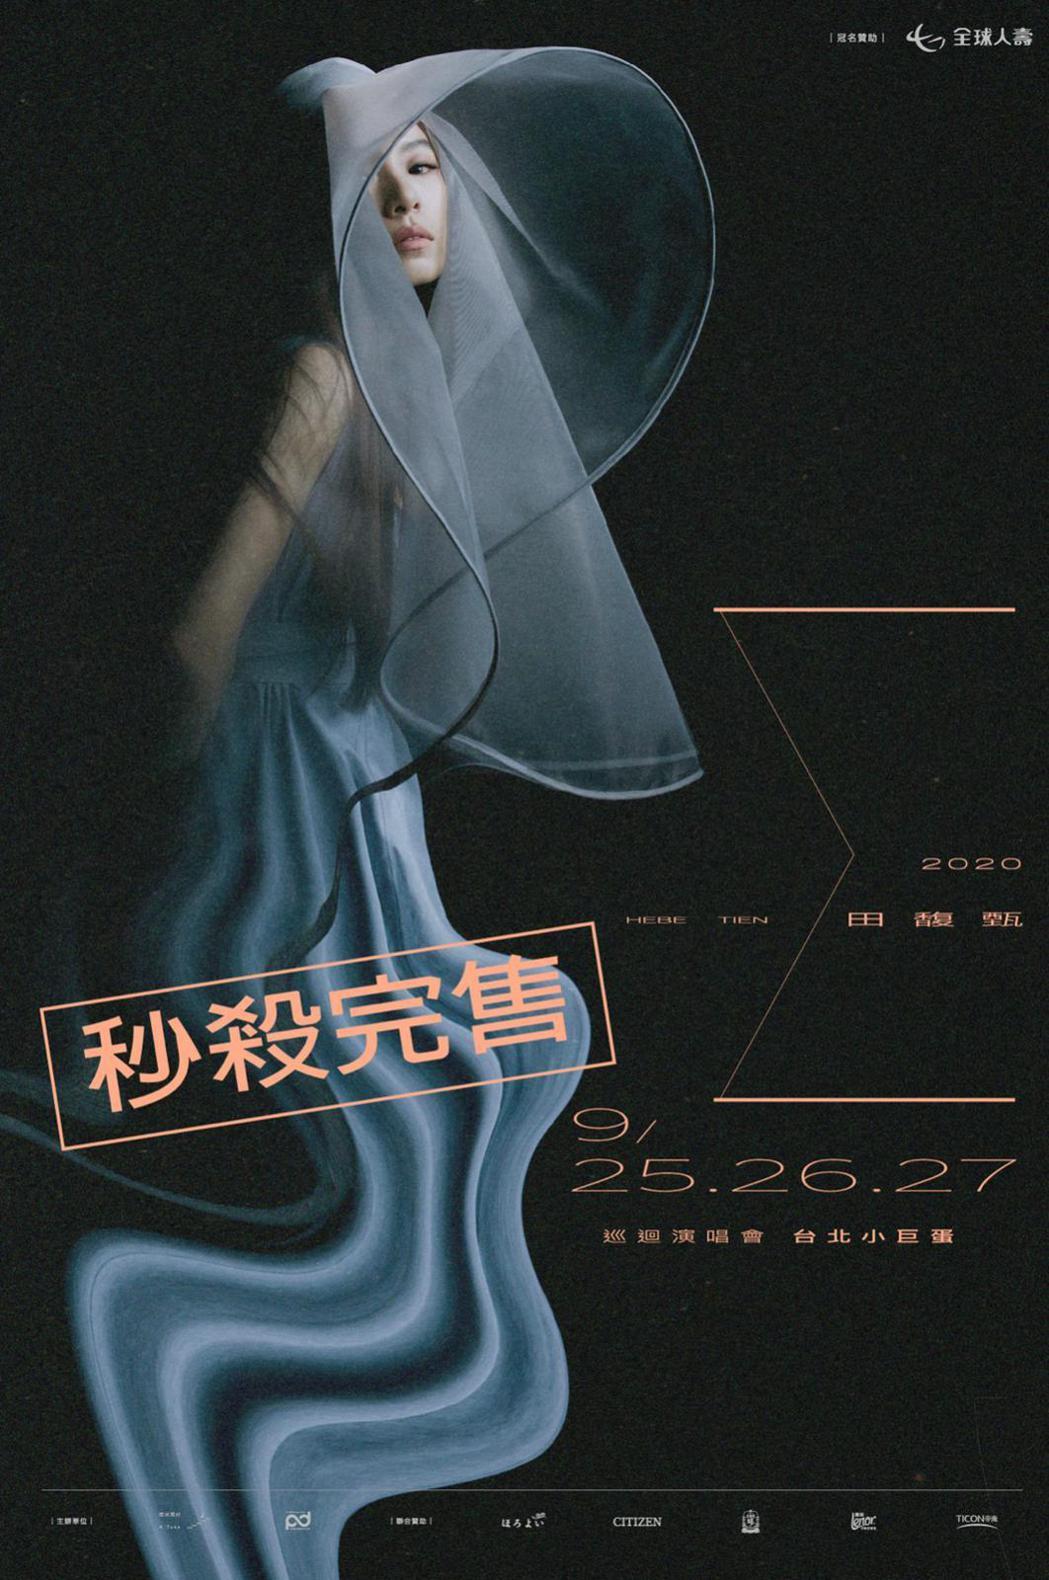 田馥甄9月開唱門票秒殺,加開一場唱破自己紀錄。圖/何樂音樂提供